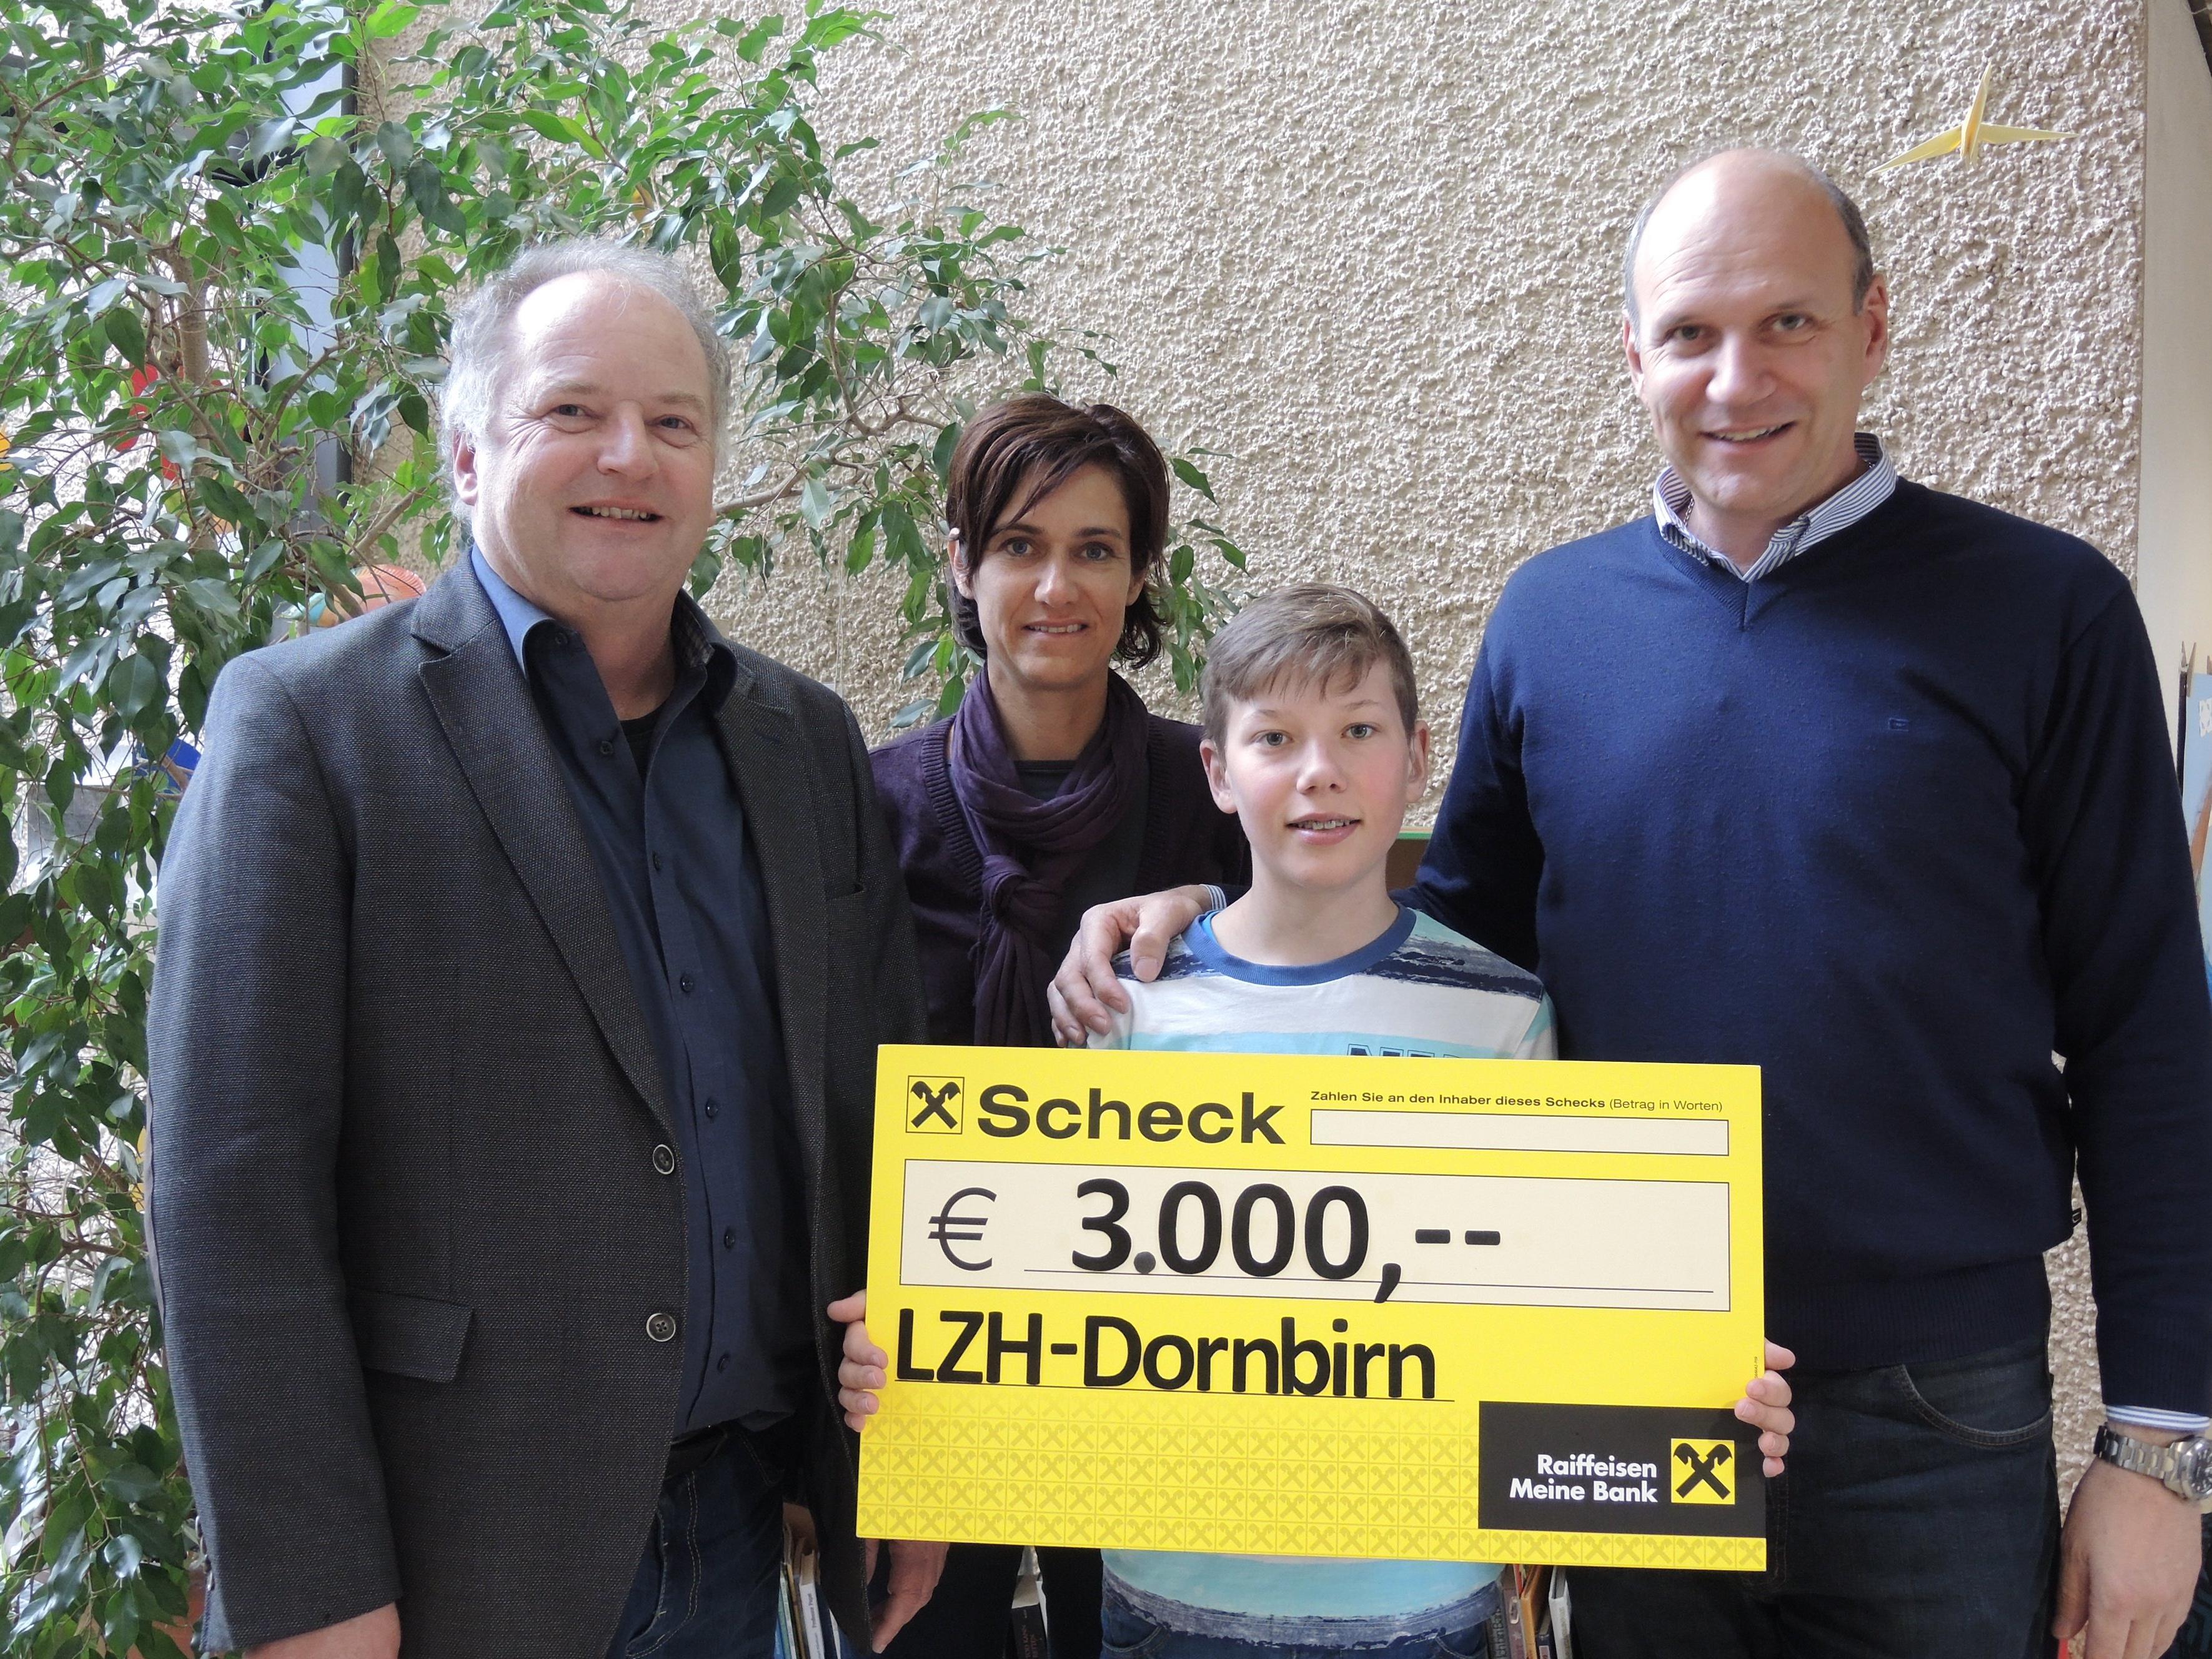 v.li.: Johannes Mathis, Andrea Jonach, Leon und Walter Barbisch.